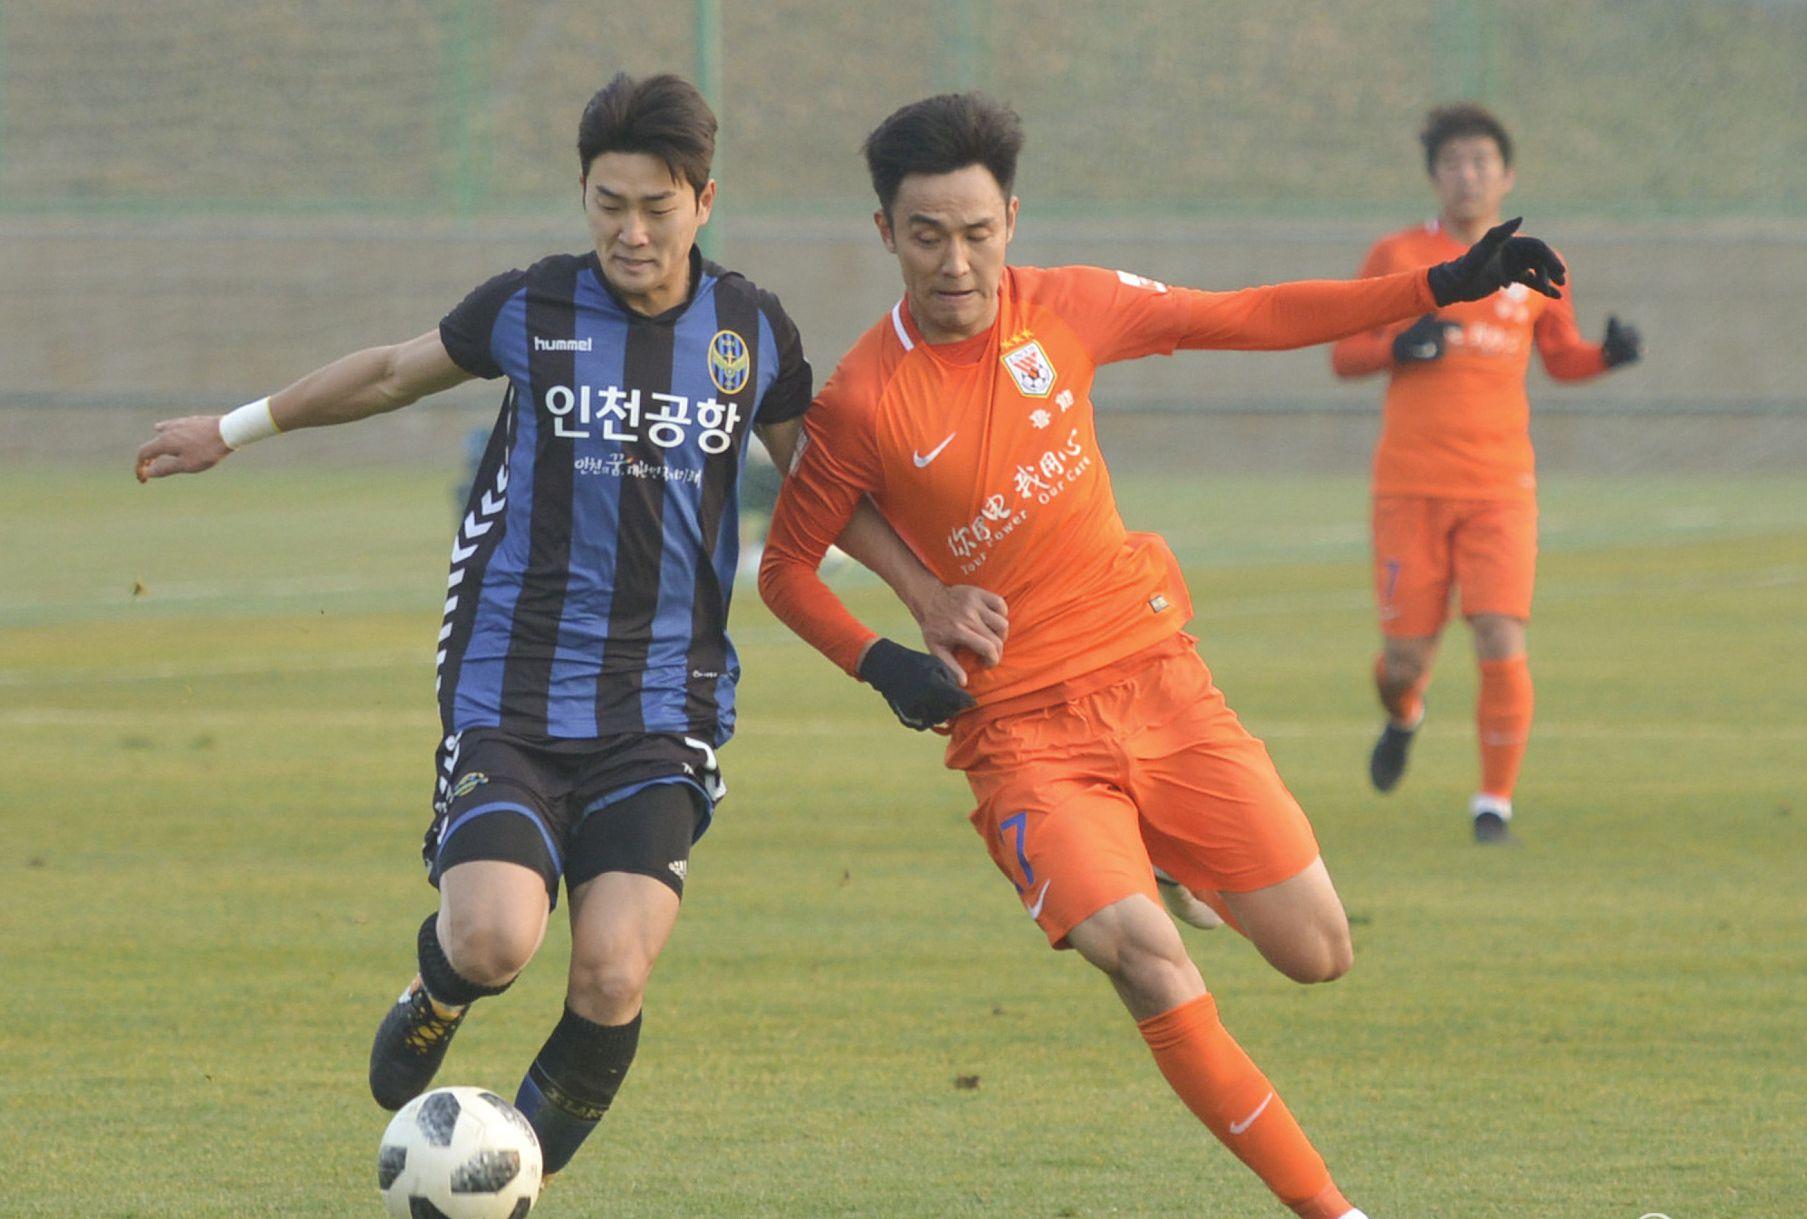 2018足球热身赛:山东鲁能Vs仁川FC